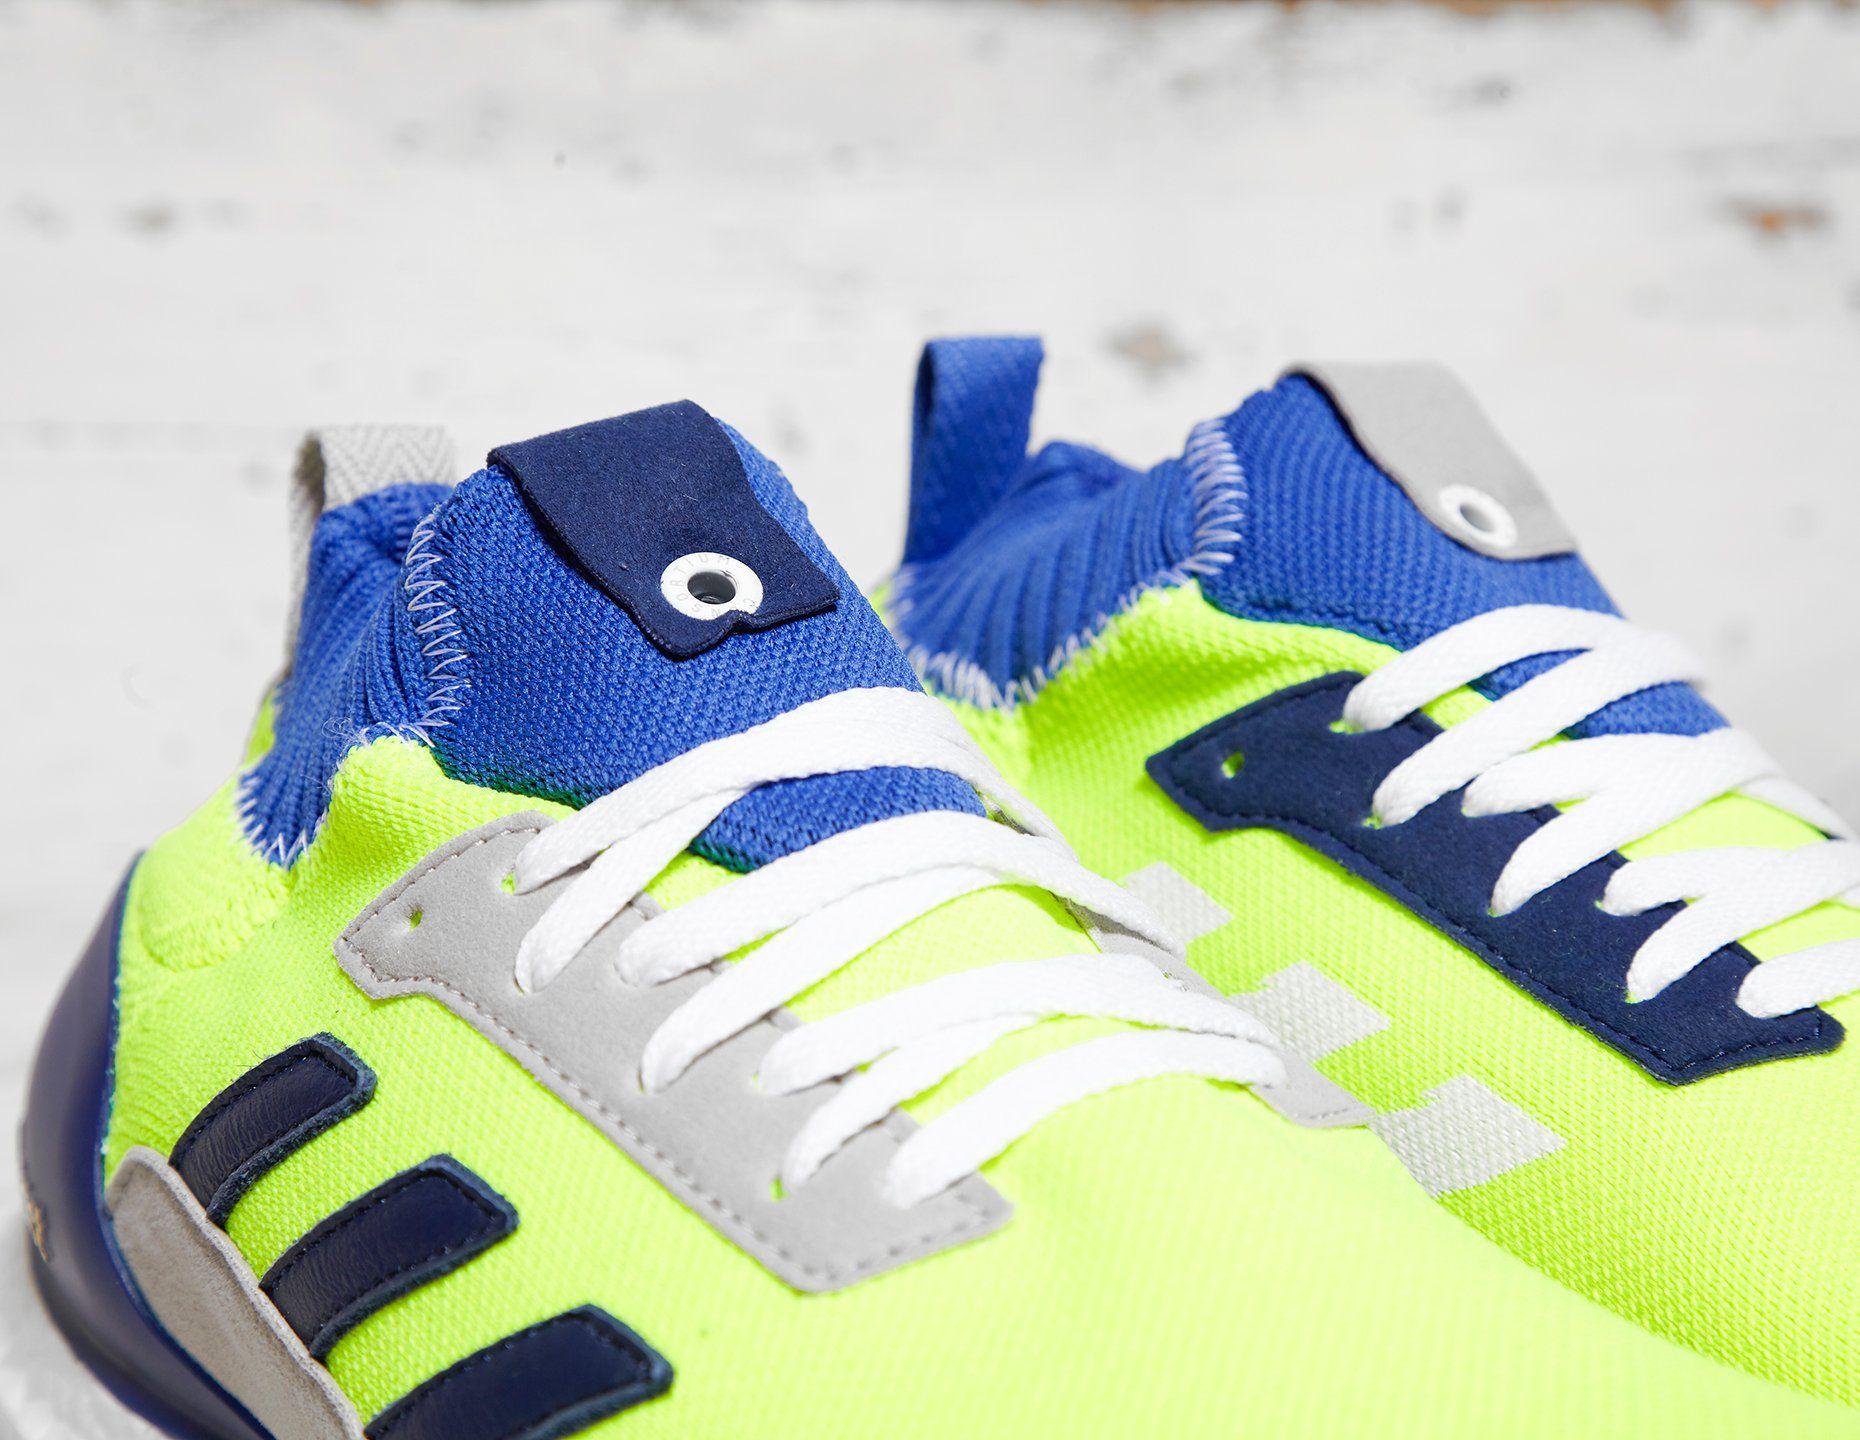 adidas x Proto UltraBoost Mid